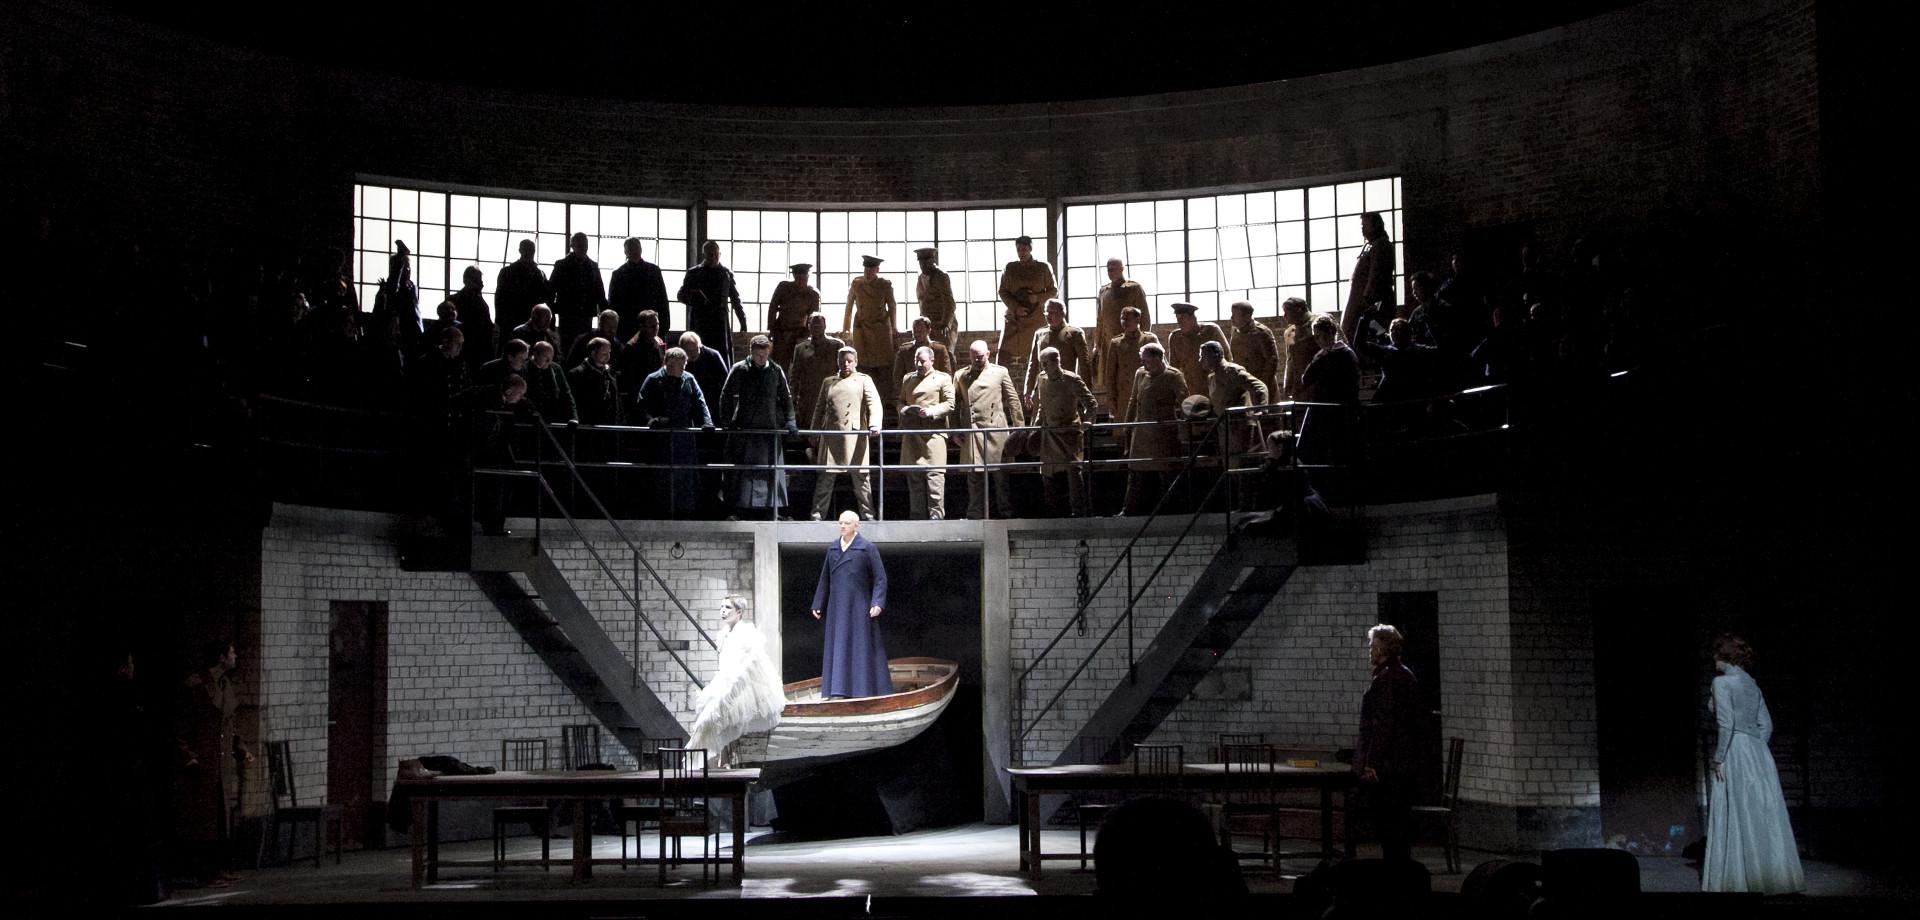 «Λόενγκριν» στο Μέγαρο Μουσικής Αθηνών